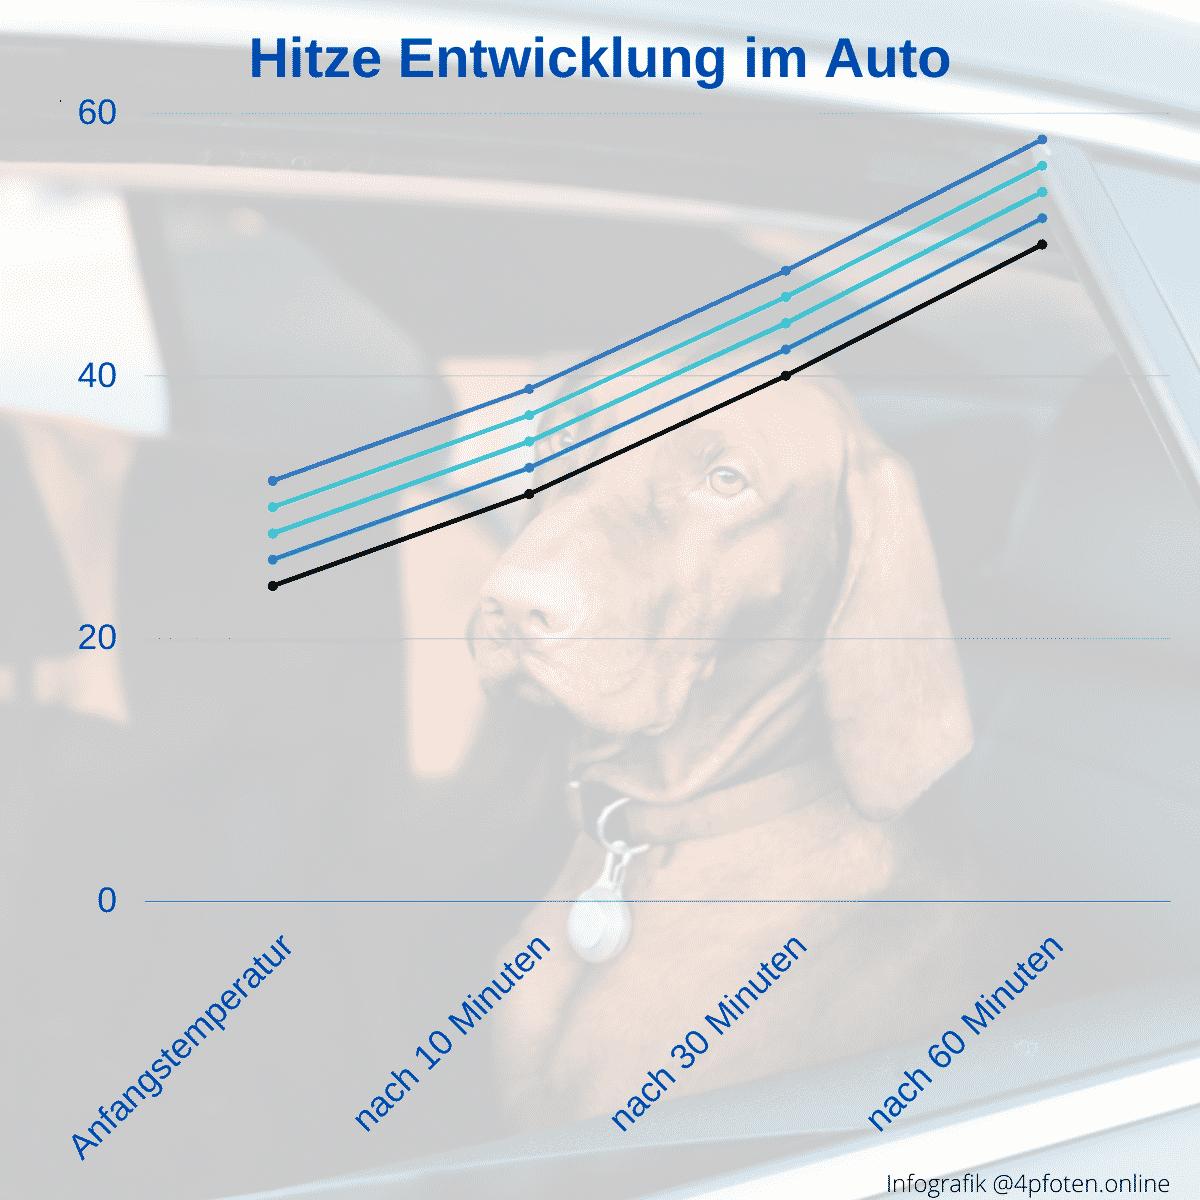 hitzeentwicklung im auto - hitzschlag beim hund